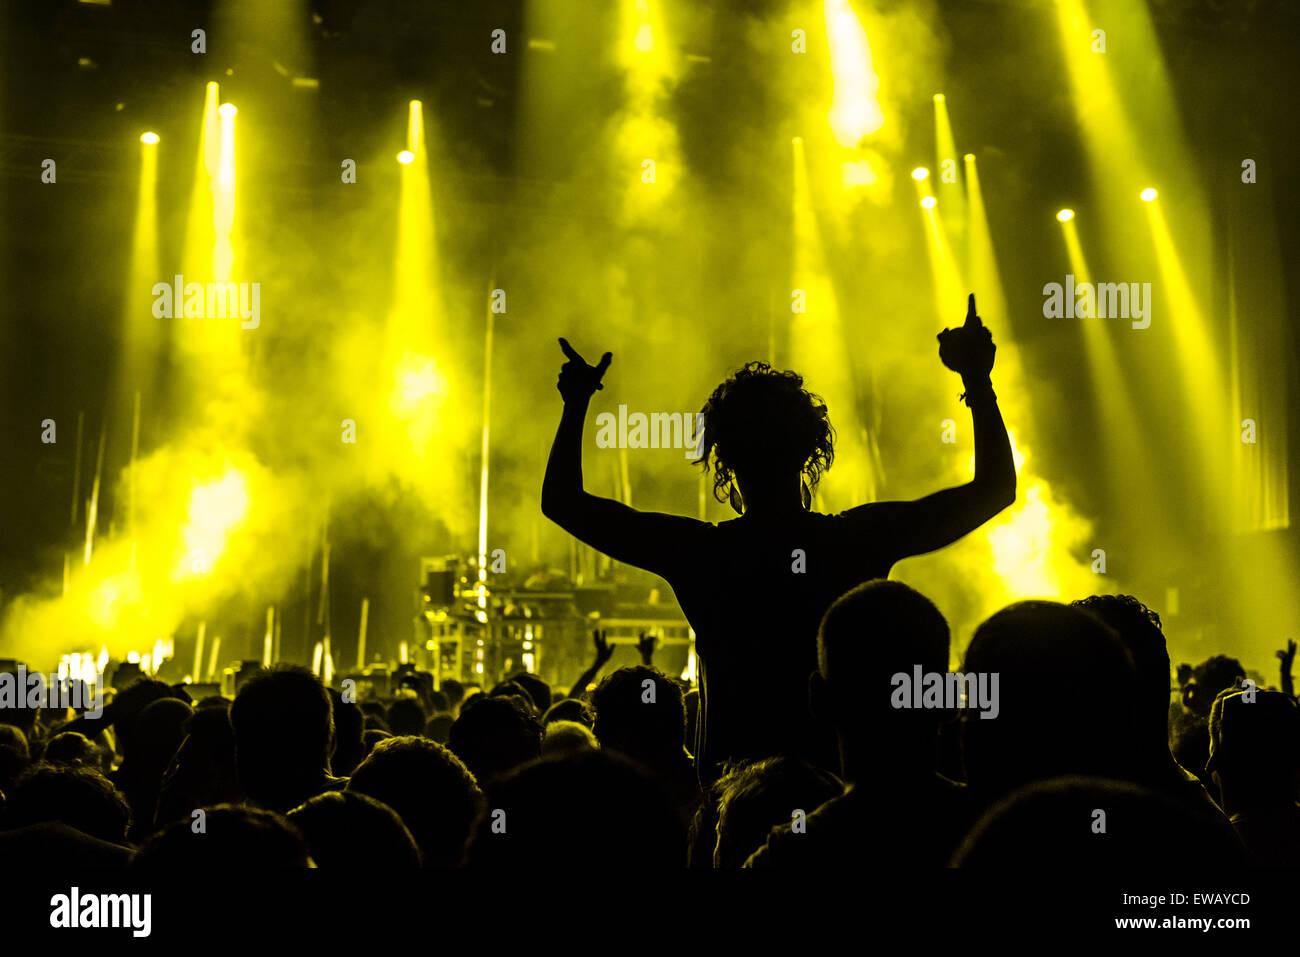 Barcelone, Espagne. 21 Juin, 2015. Les festivaliers se déplacer à la musique de la musique de danse électronique Photo Stock